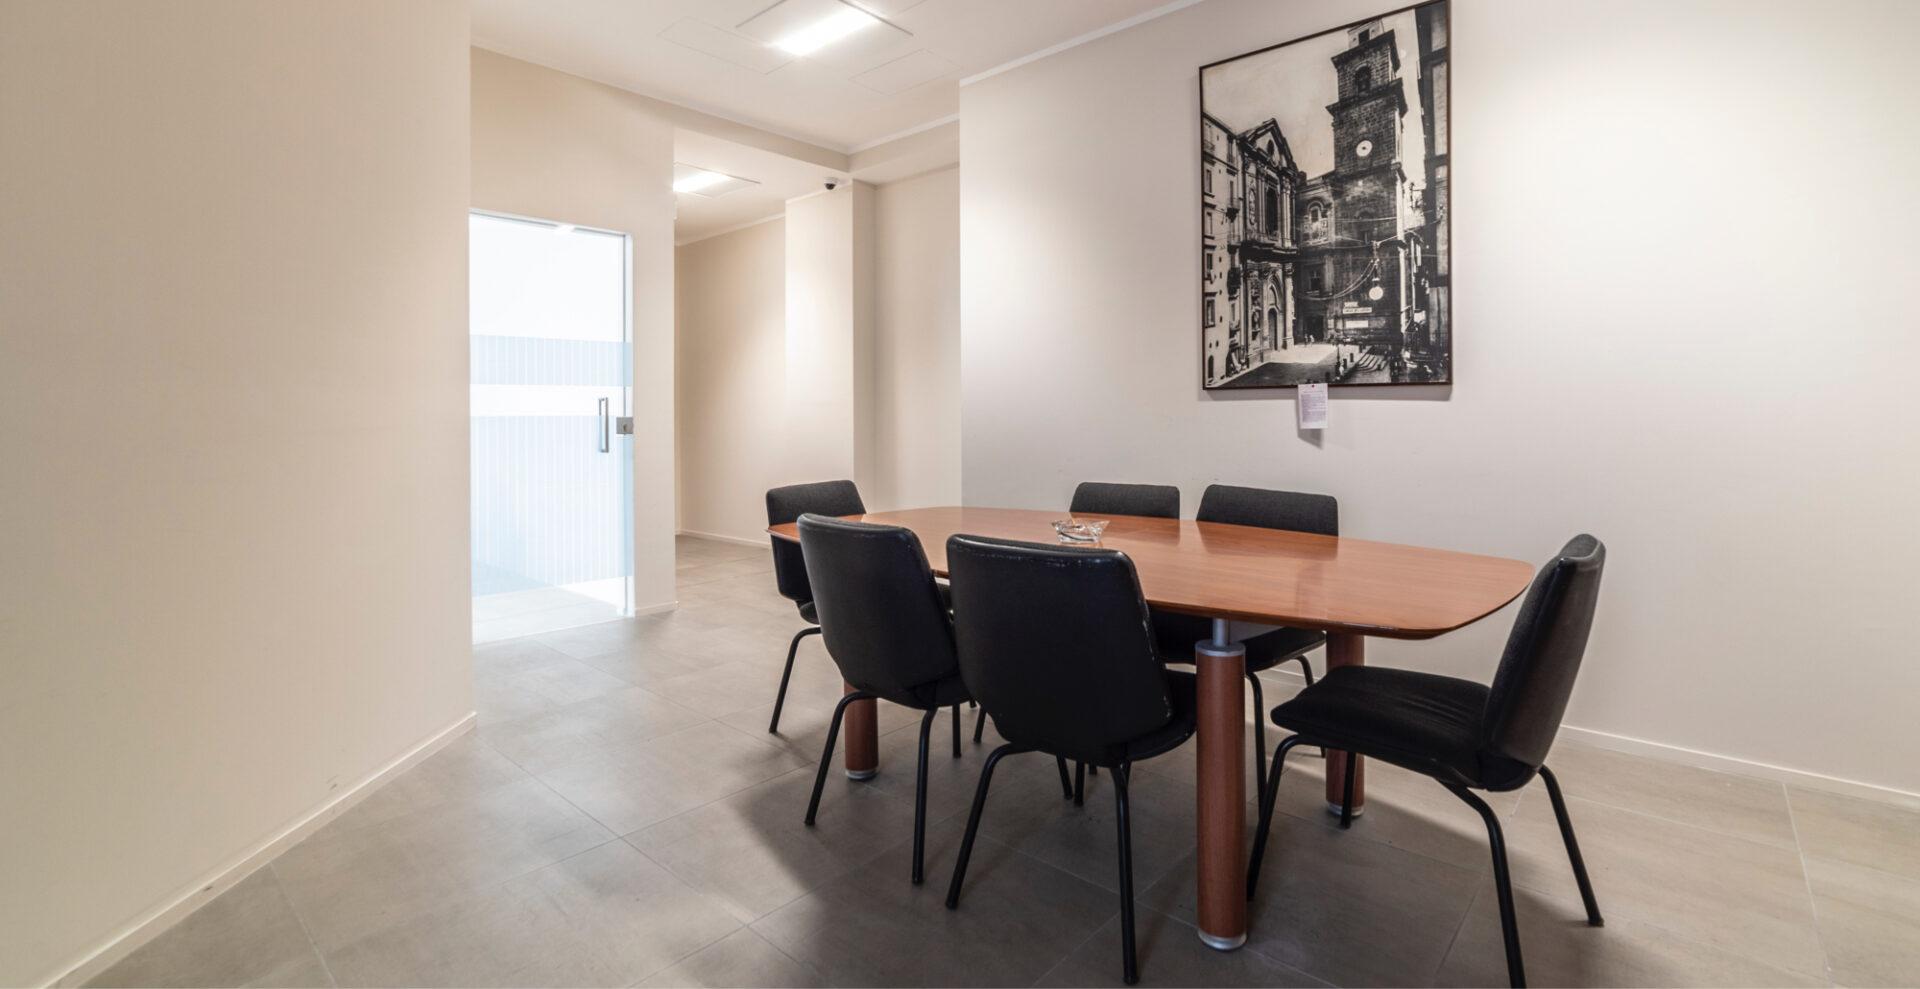 Toledo Napoli - Sala riunioni - Immobili Cittamoderna